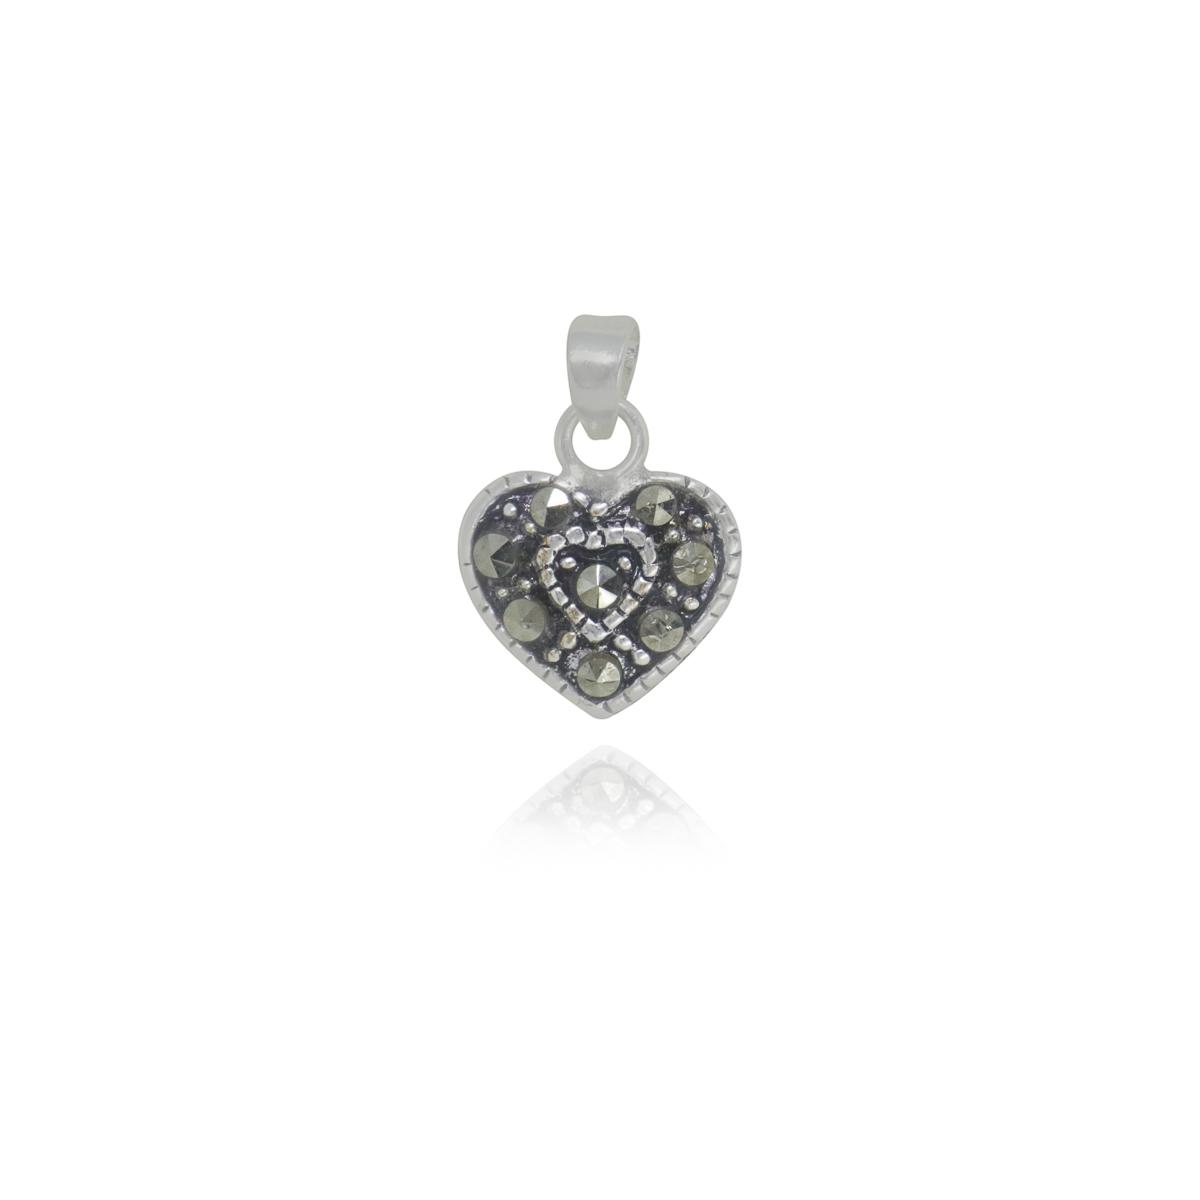 Pingente joia em prata de lei 925 pura coração em marcassita